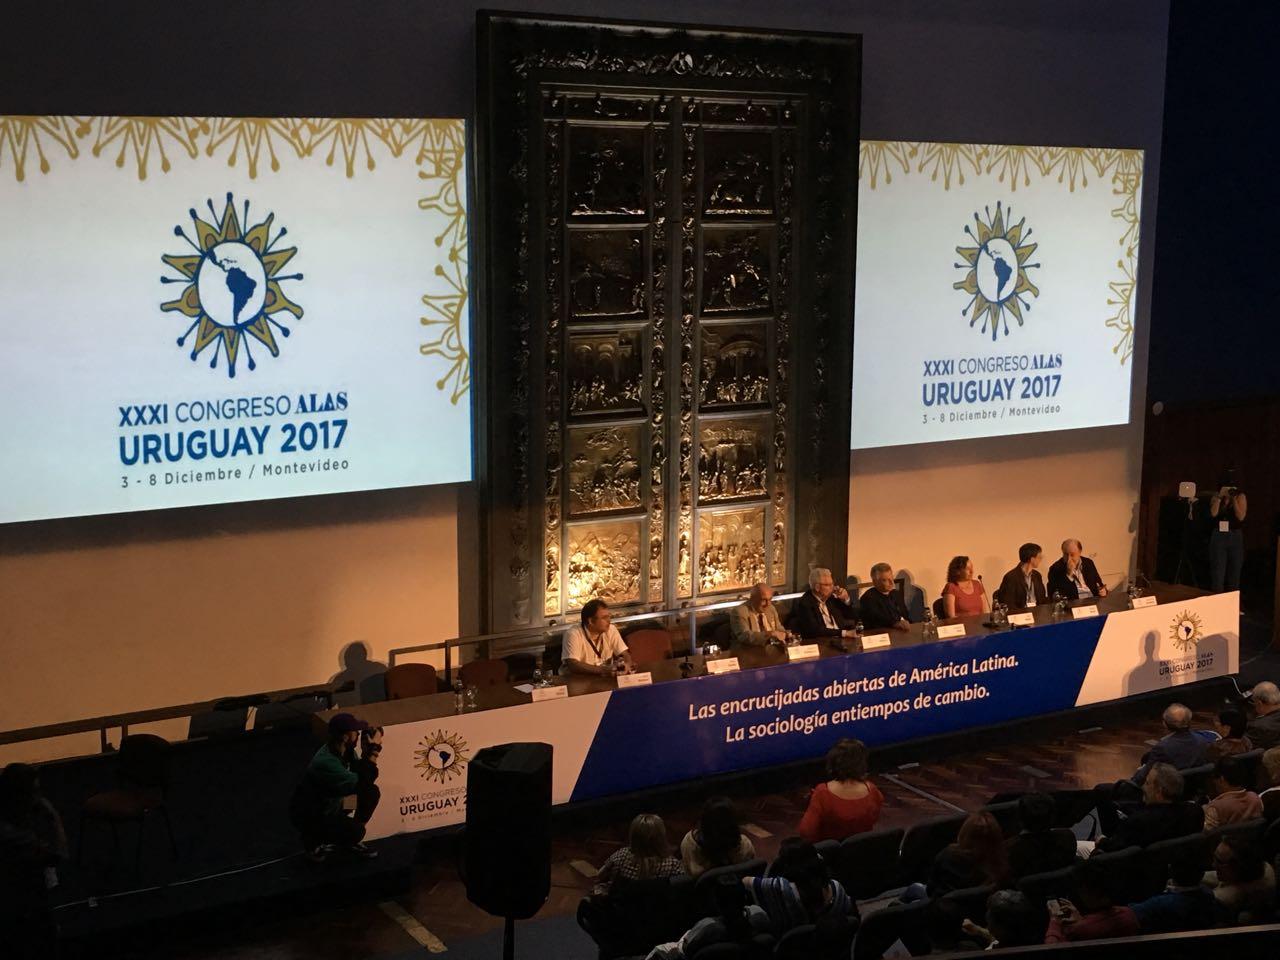 Coordenador de Design Gráfico participa de congresso internacional